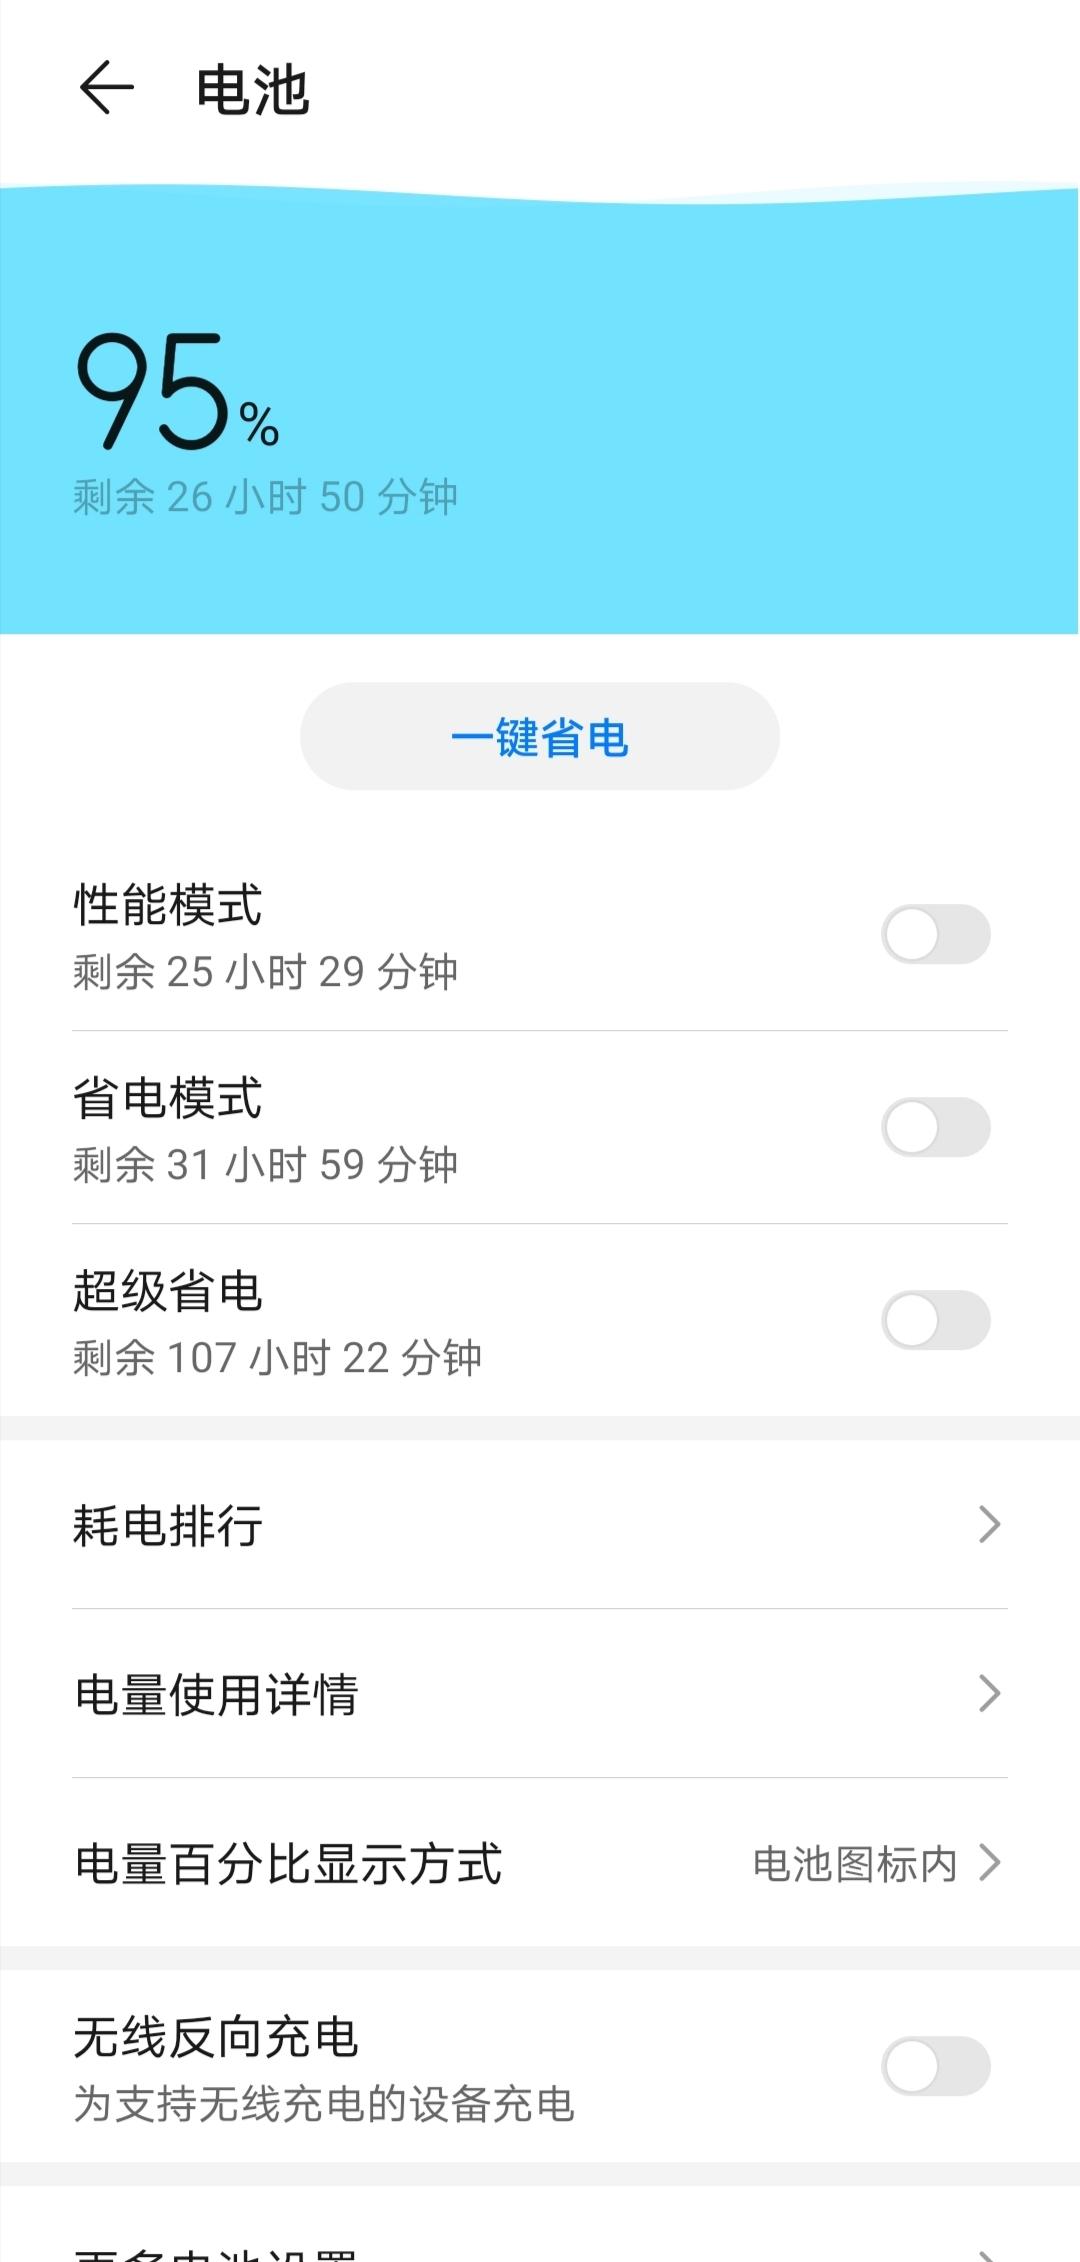 Screenshot_20200519_134600.jpg